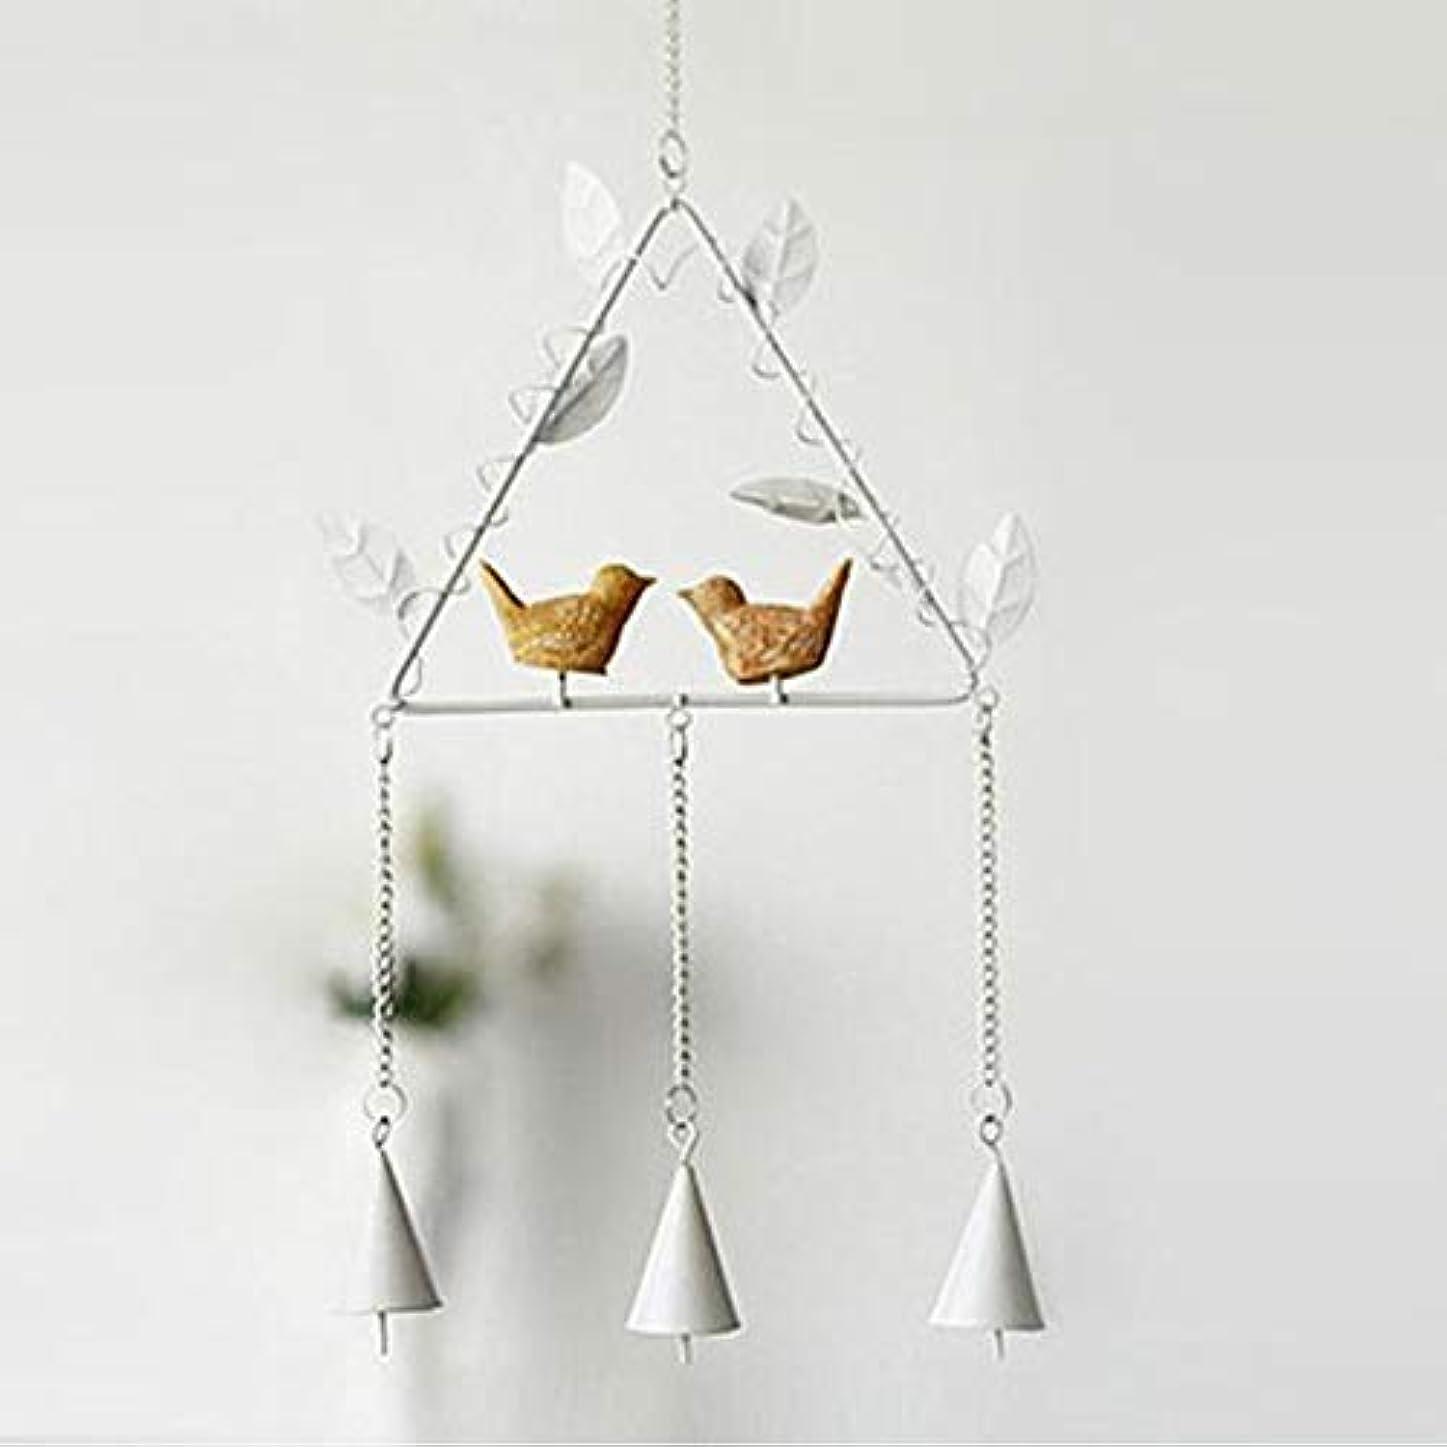 腐敗神経障害ラックChengjinxiang 風チャイム、アイアンクリエイティブ手作りの鳥風チャイム、グレー、全身について56センチ,クリエイティブギフト (Color : Triangle White)